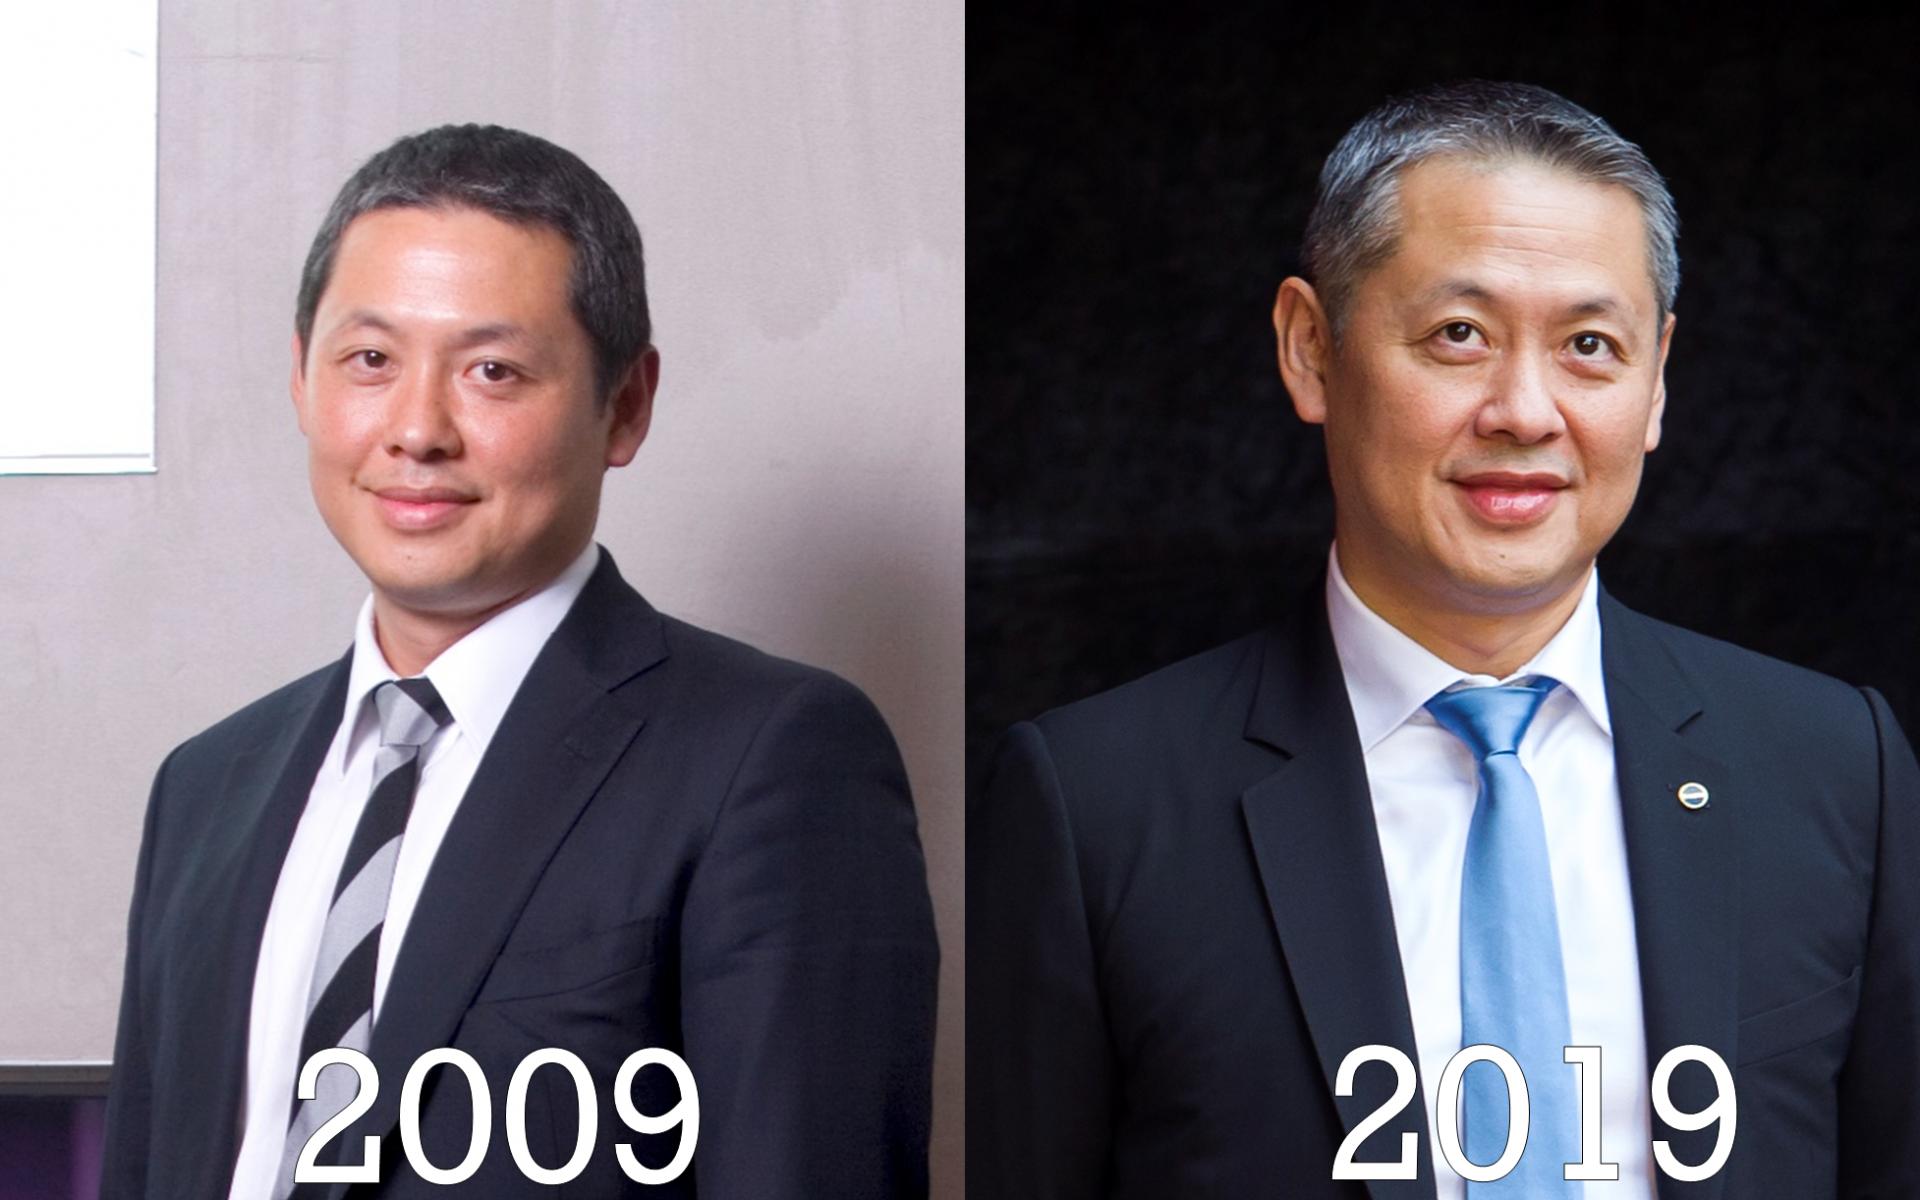 微風廣場董事長廖鎮漢10年前還略顯稚嫩,但10年過後,頭髮已有些許花白,增添不少男人味。